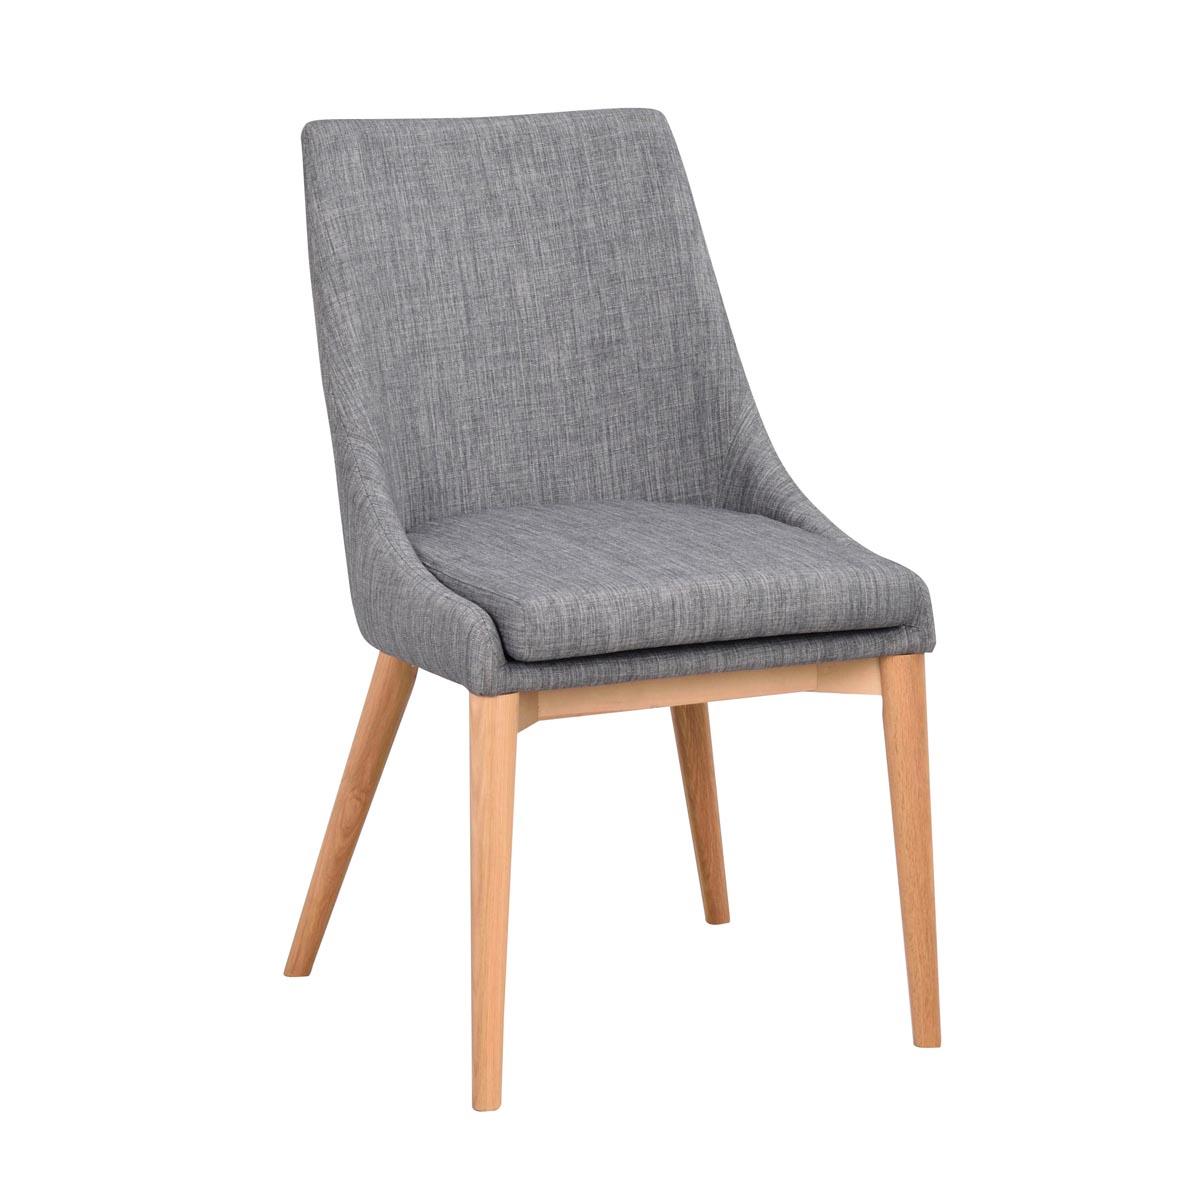 Bea-stol-mörkgrått-tyg_ekR-118321_a